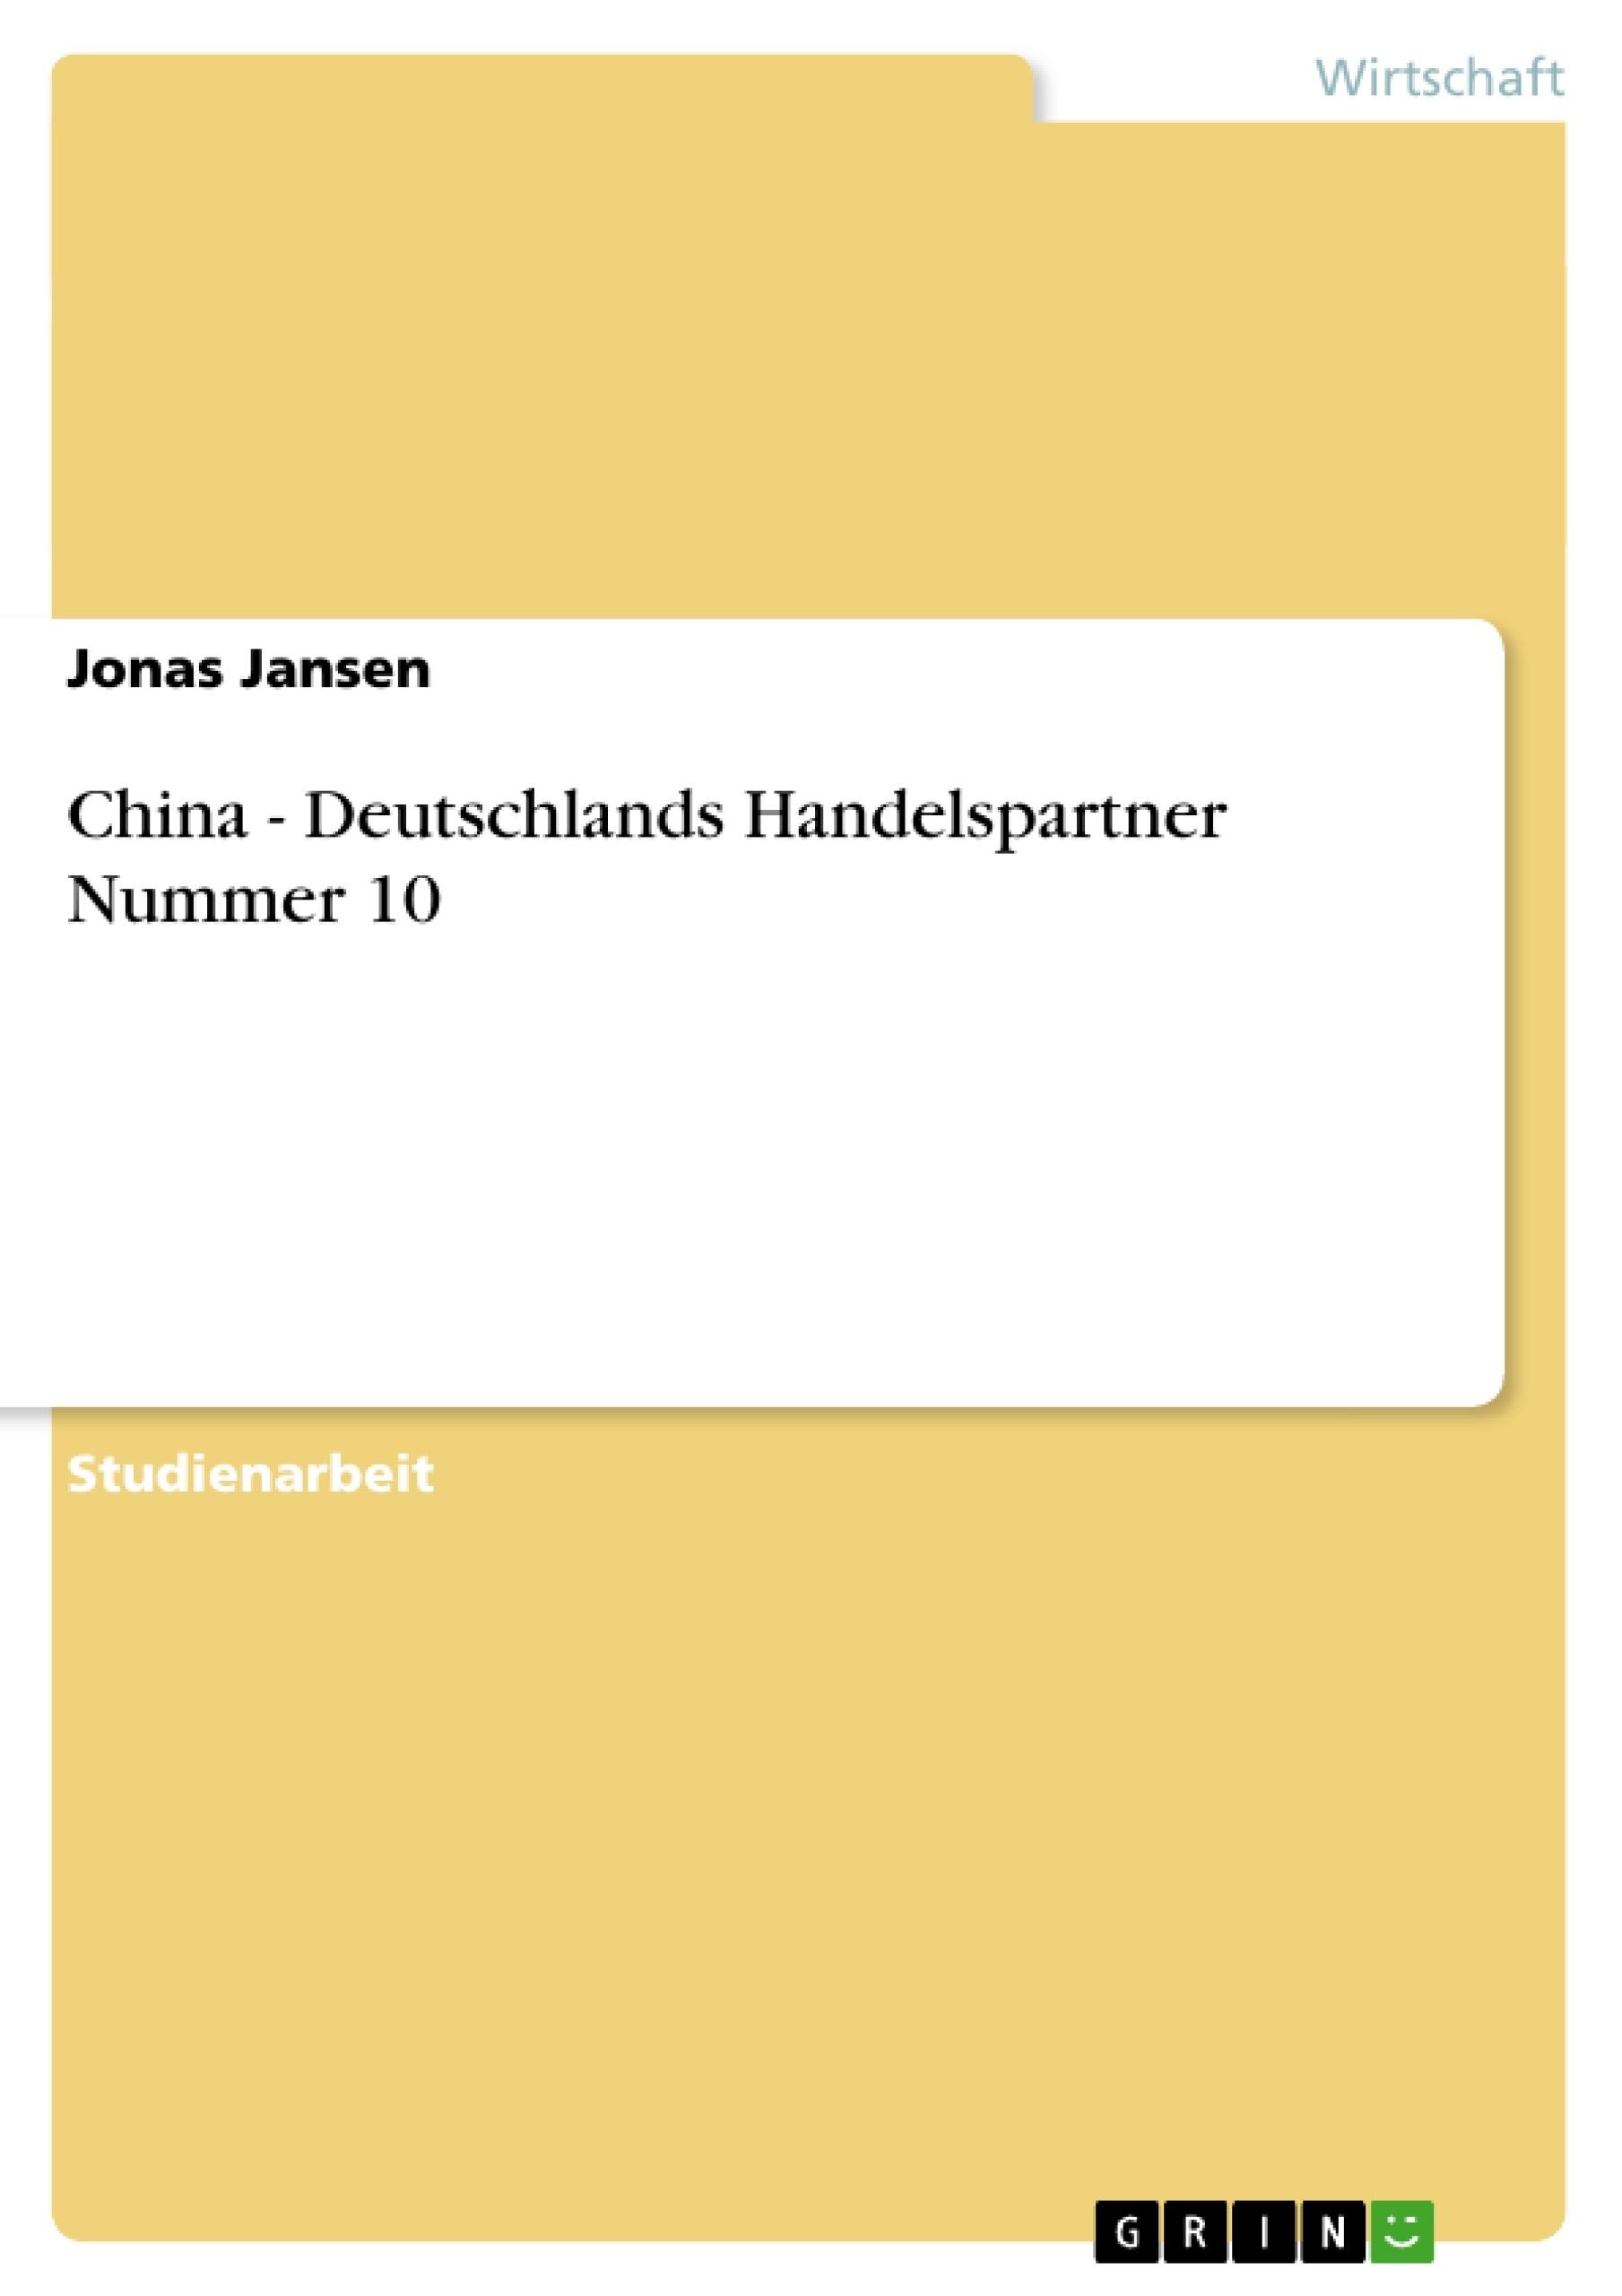 Titel: China - Deutschlands Handelspartner Nummer 10